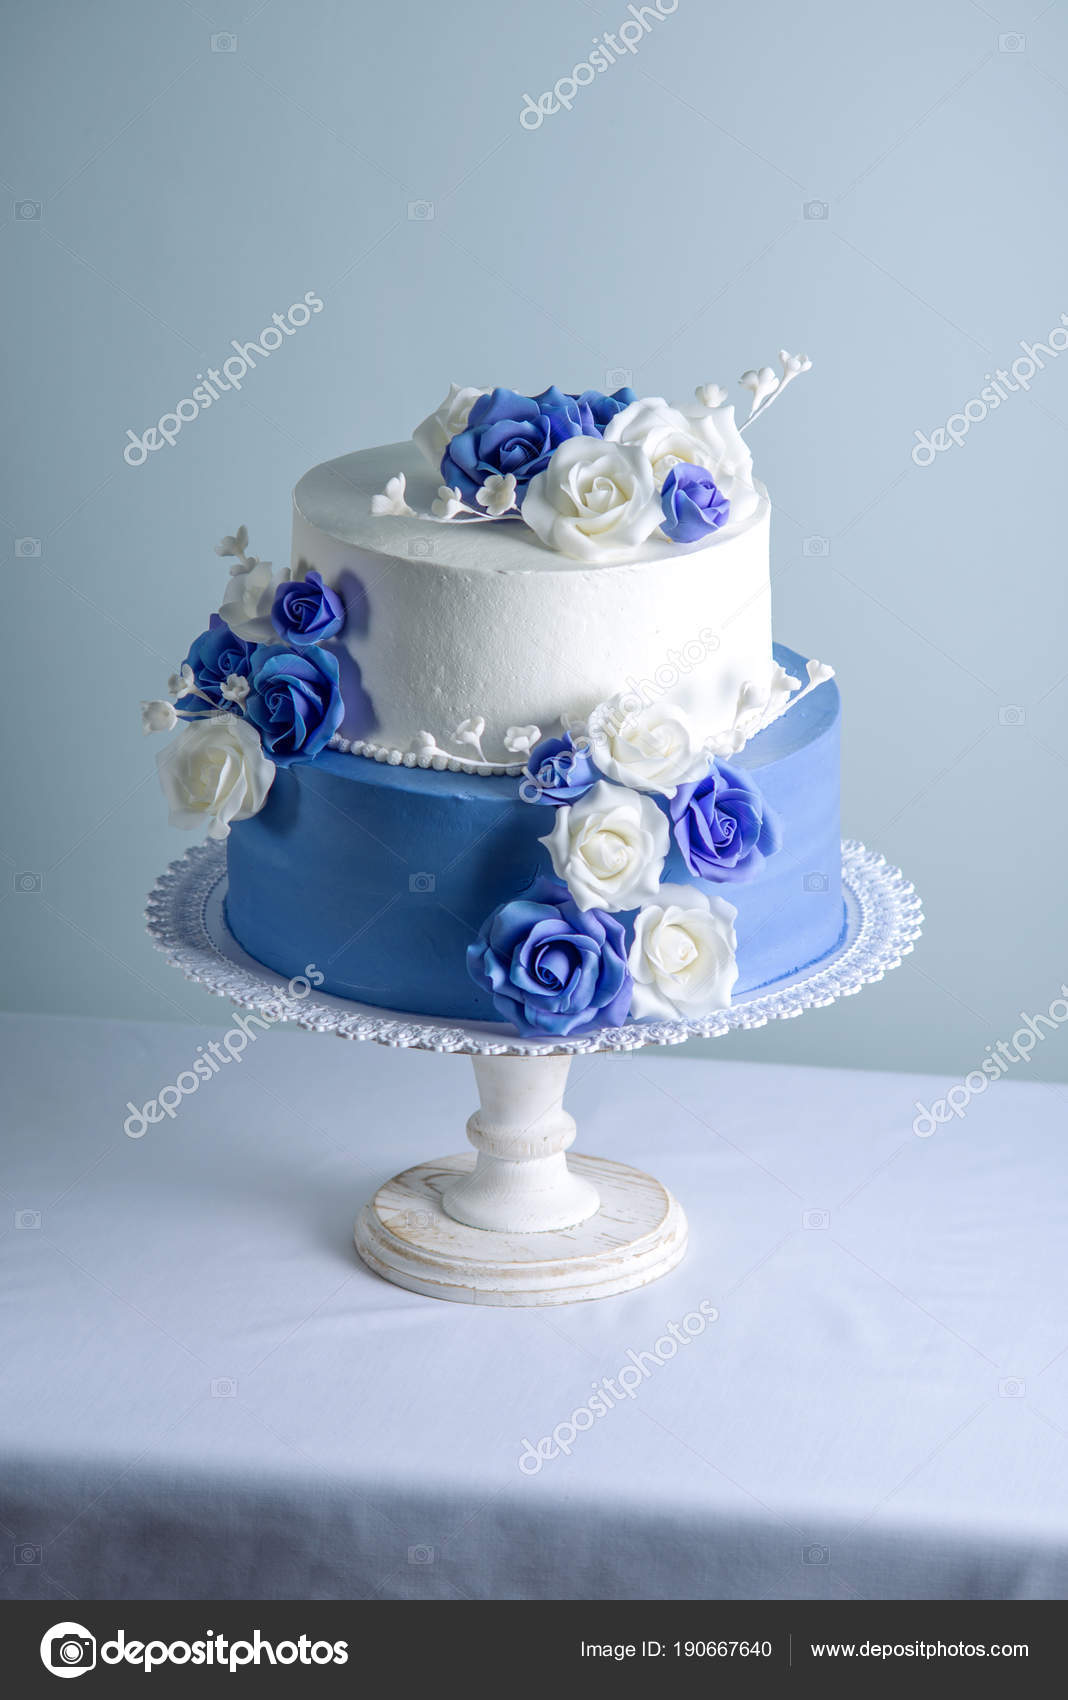 Wunderschone Zwei Abgestufte Weisse Und Blaue Hochzeitstorte Mit